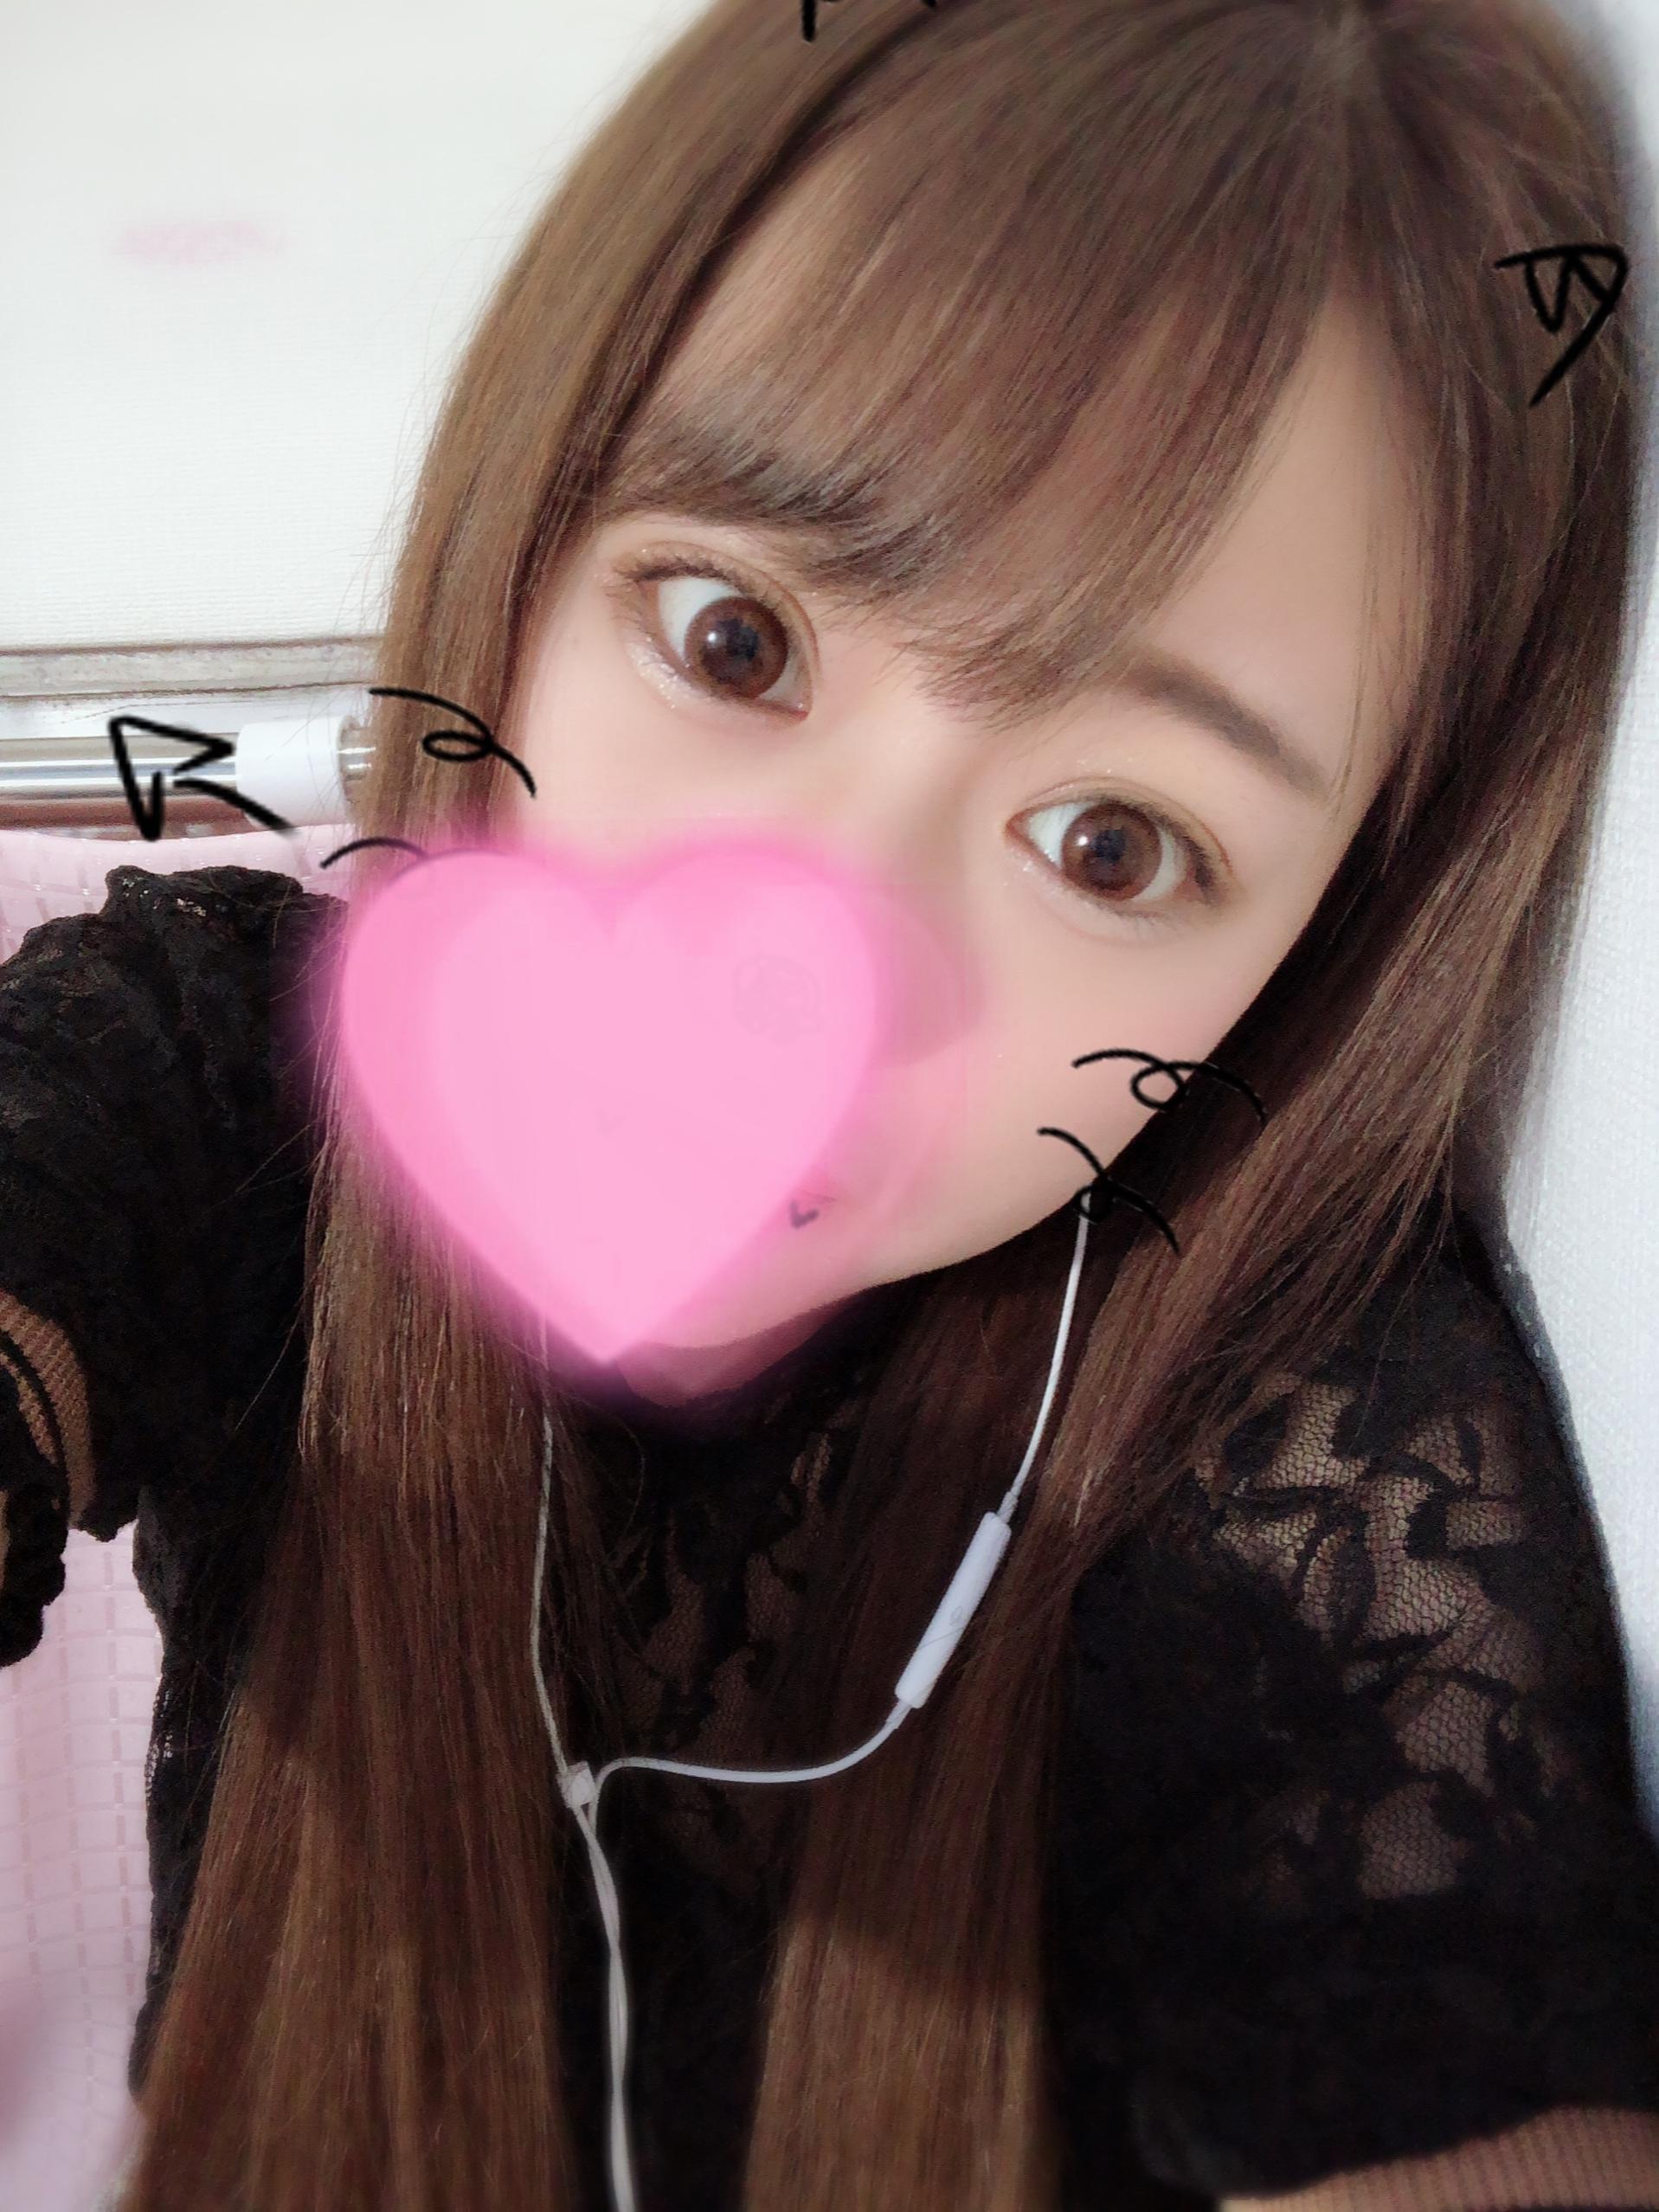 「はなです」09/17(09/17) 20:50 | はなちゃんの写メ・風俗動画